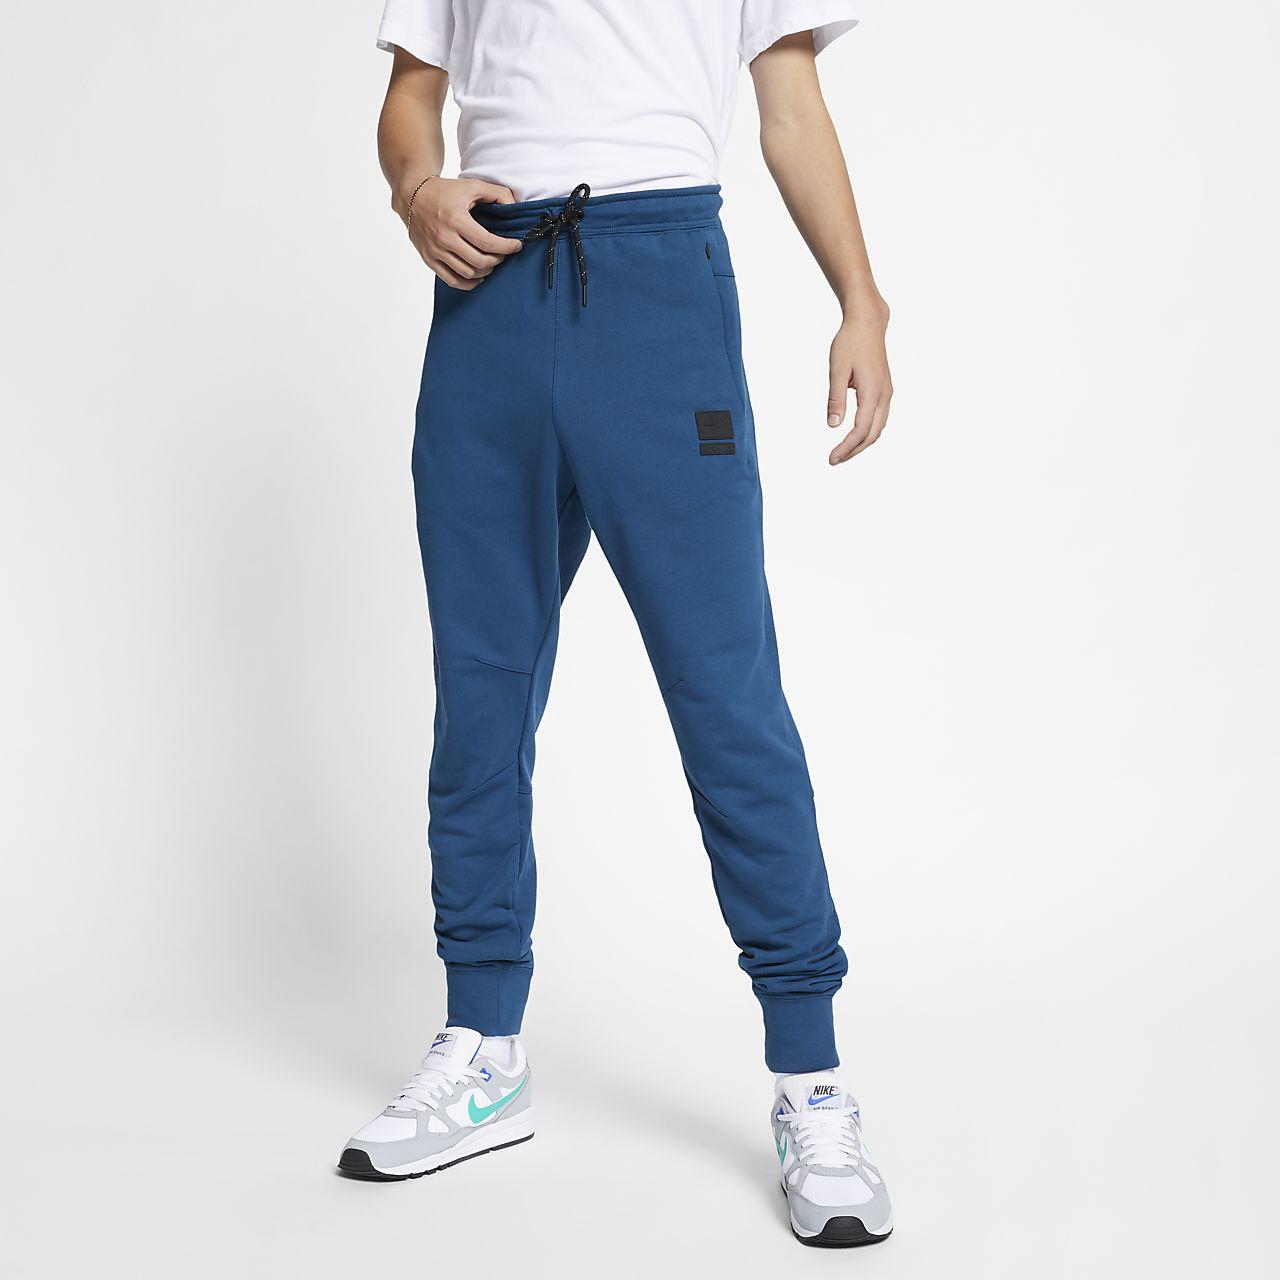 Pantalon Molleton Pour Nike Ca En Sportswear Homme CCpc8r